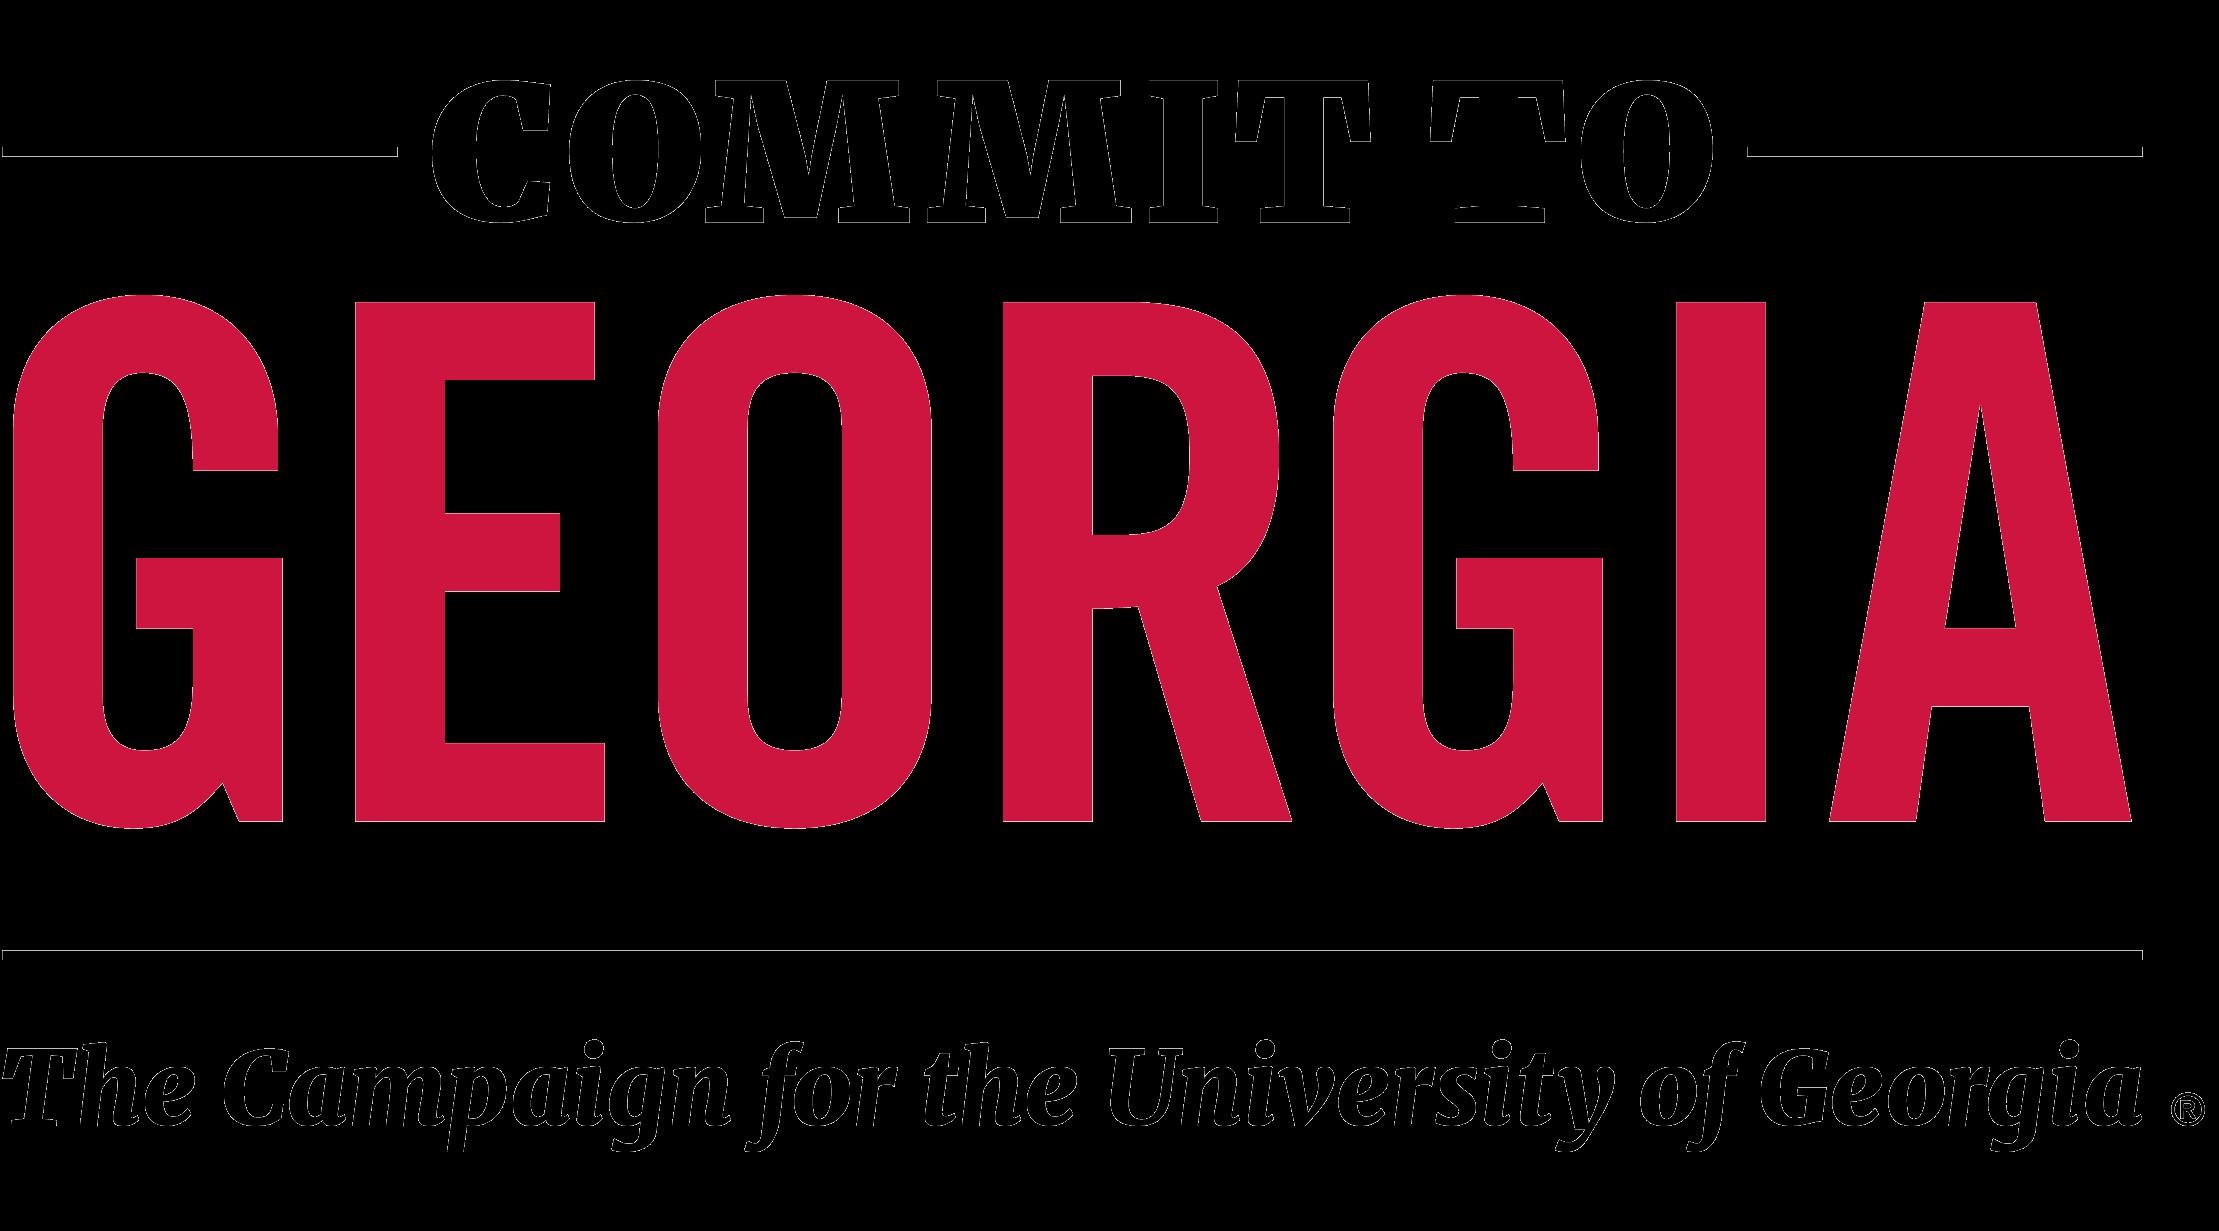 mit to Georgia